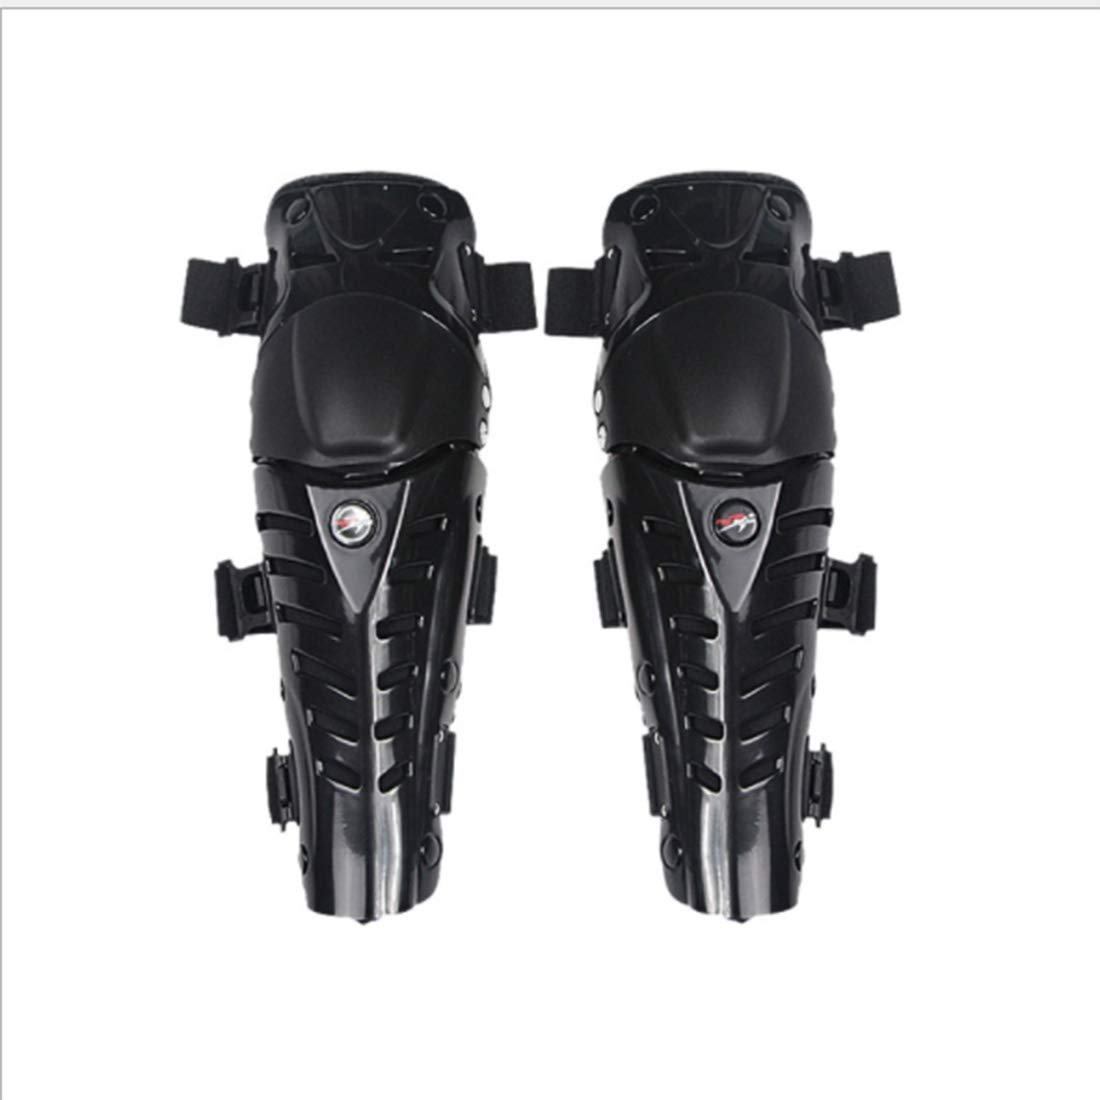 ERSD Motorrad Kniesch/ützer Erwachsene Atmungsaktiv Einstellbar Aramidfaser Motocross MTB Schienbeinschoner zum Reiten Radfahren Skaten Extremsport Qualit/ät Schutz Sicherheit Wiederherstellen Langlebig